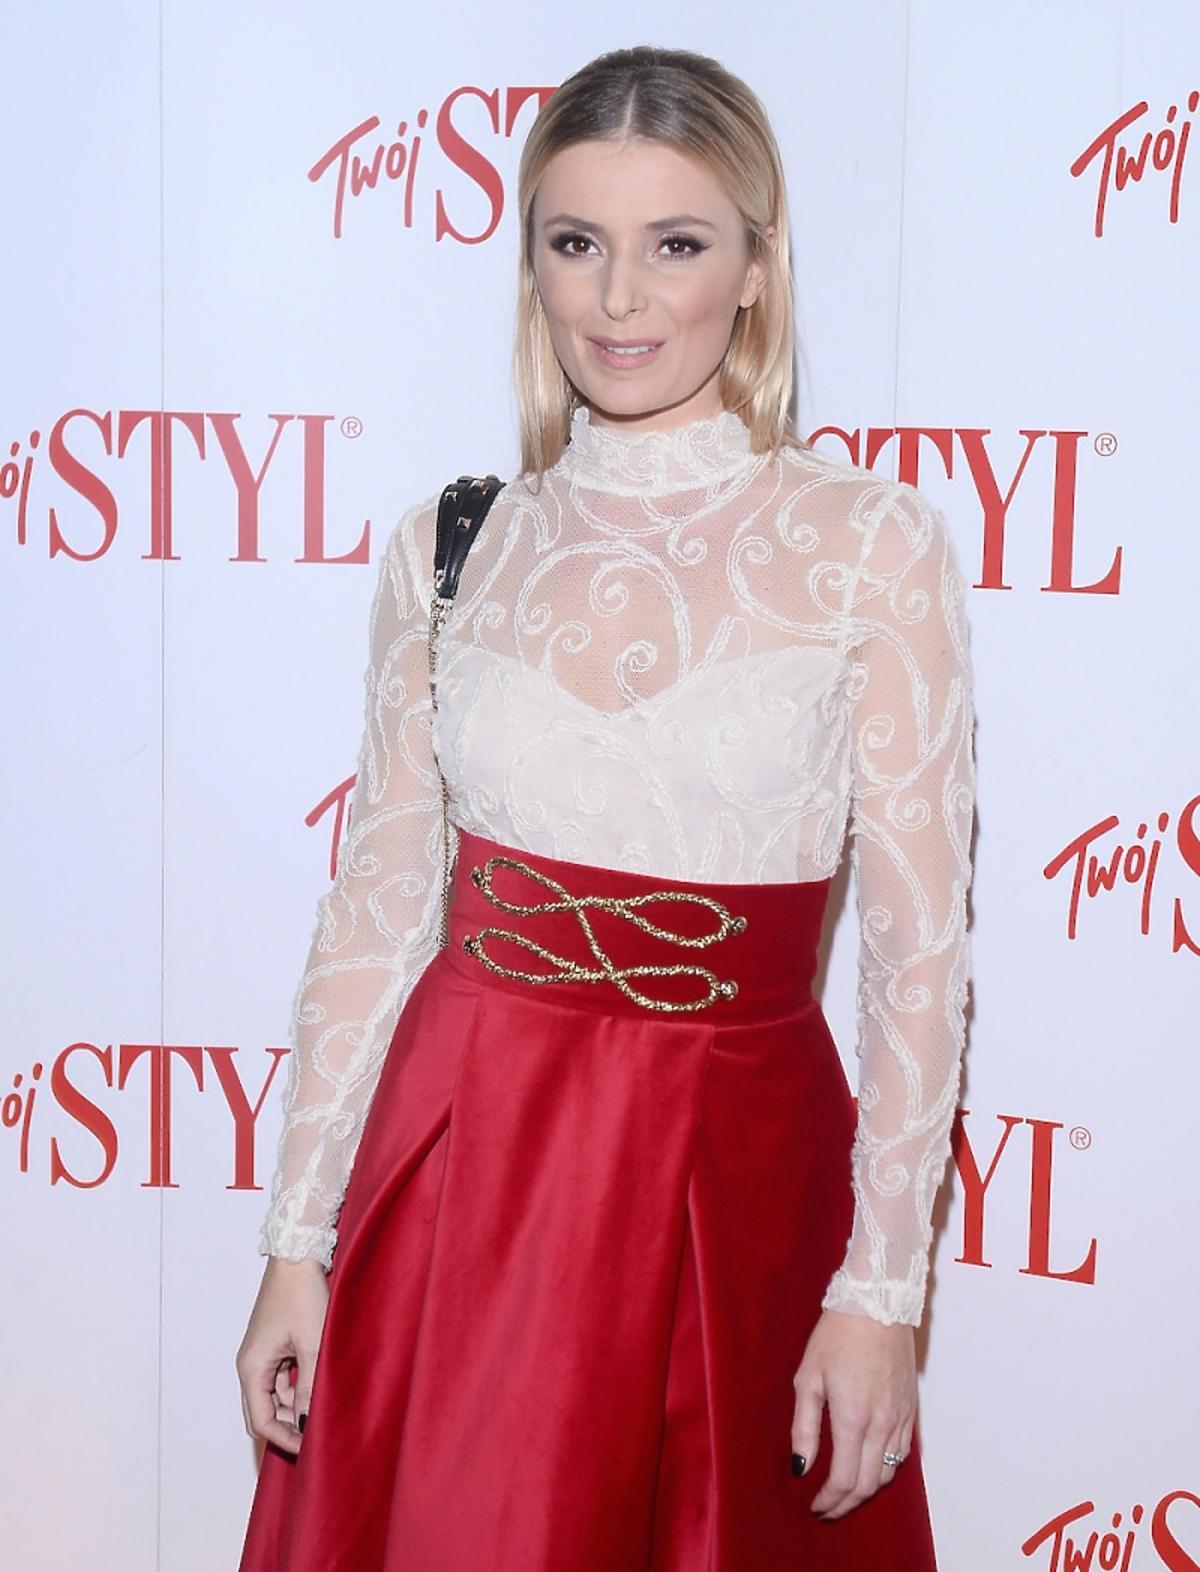 Halinki Mlynkowej w białej koronkowej bluzce, czerwonej spódnicy